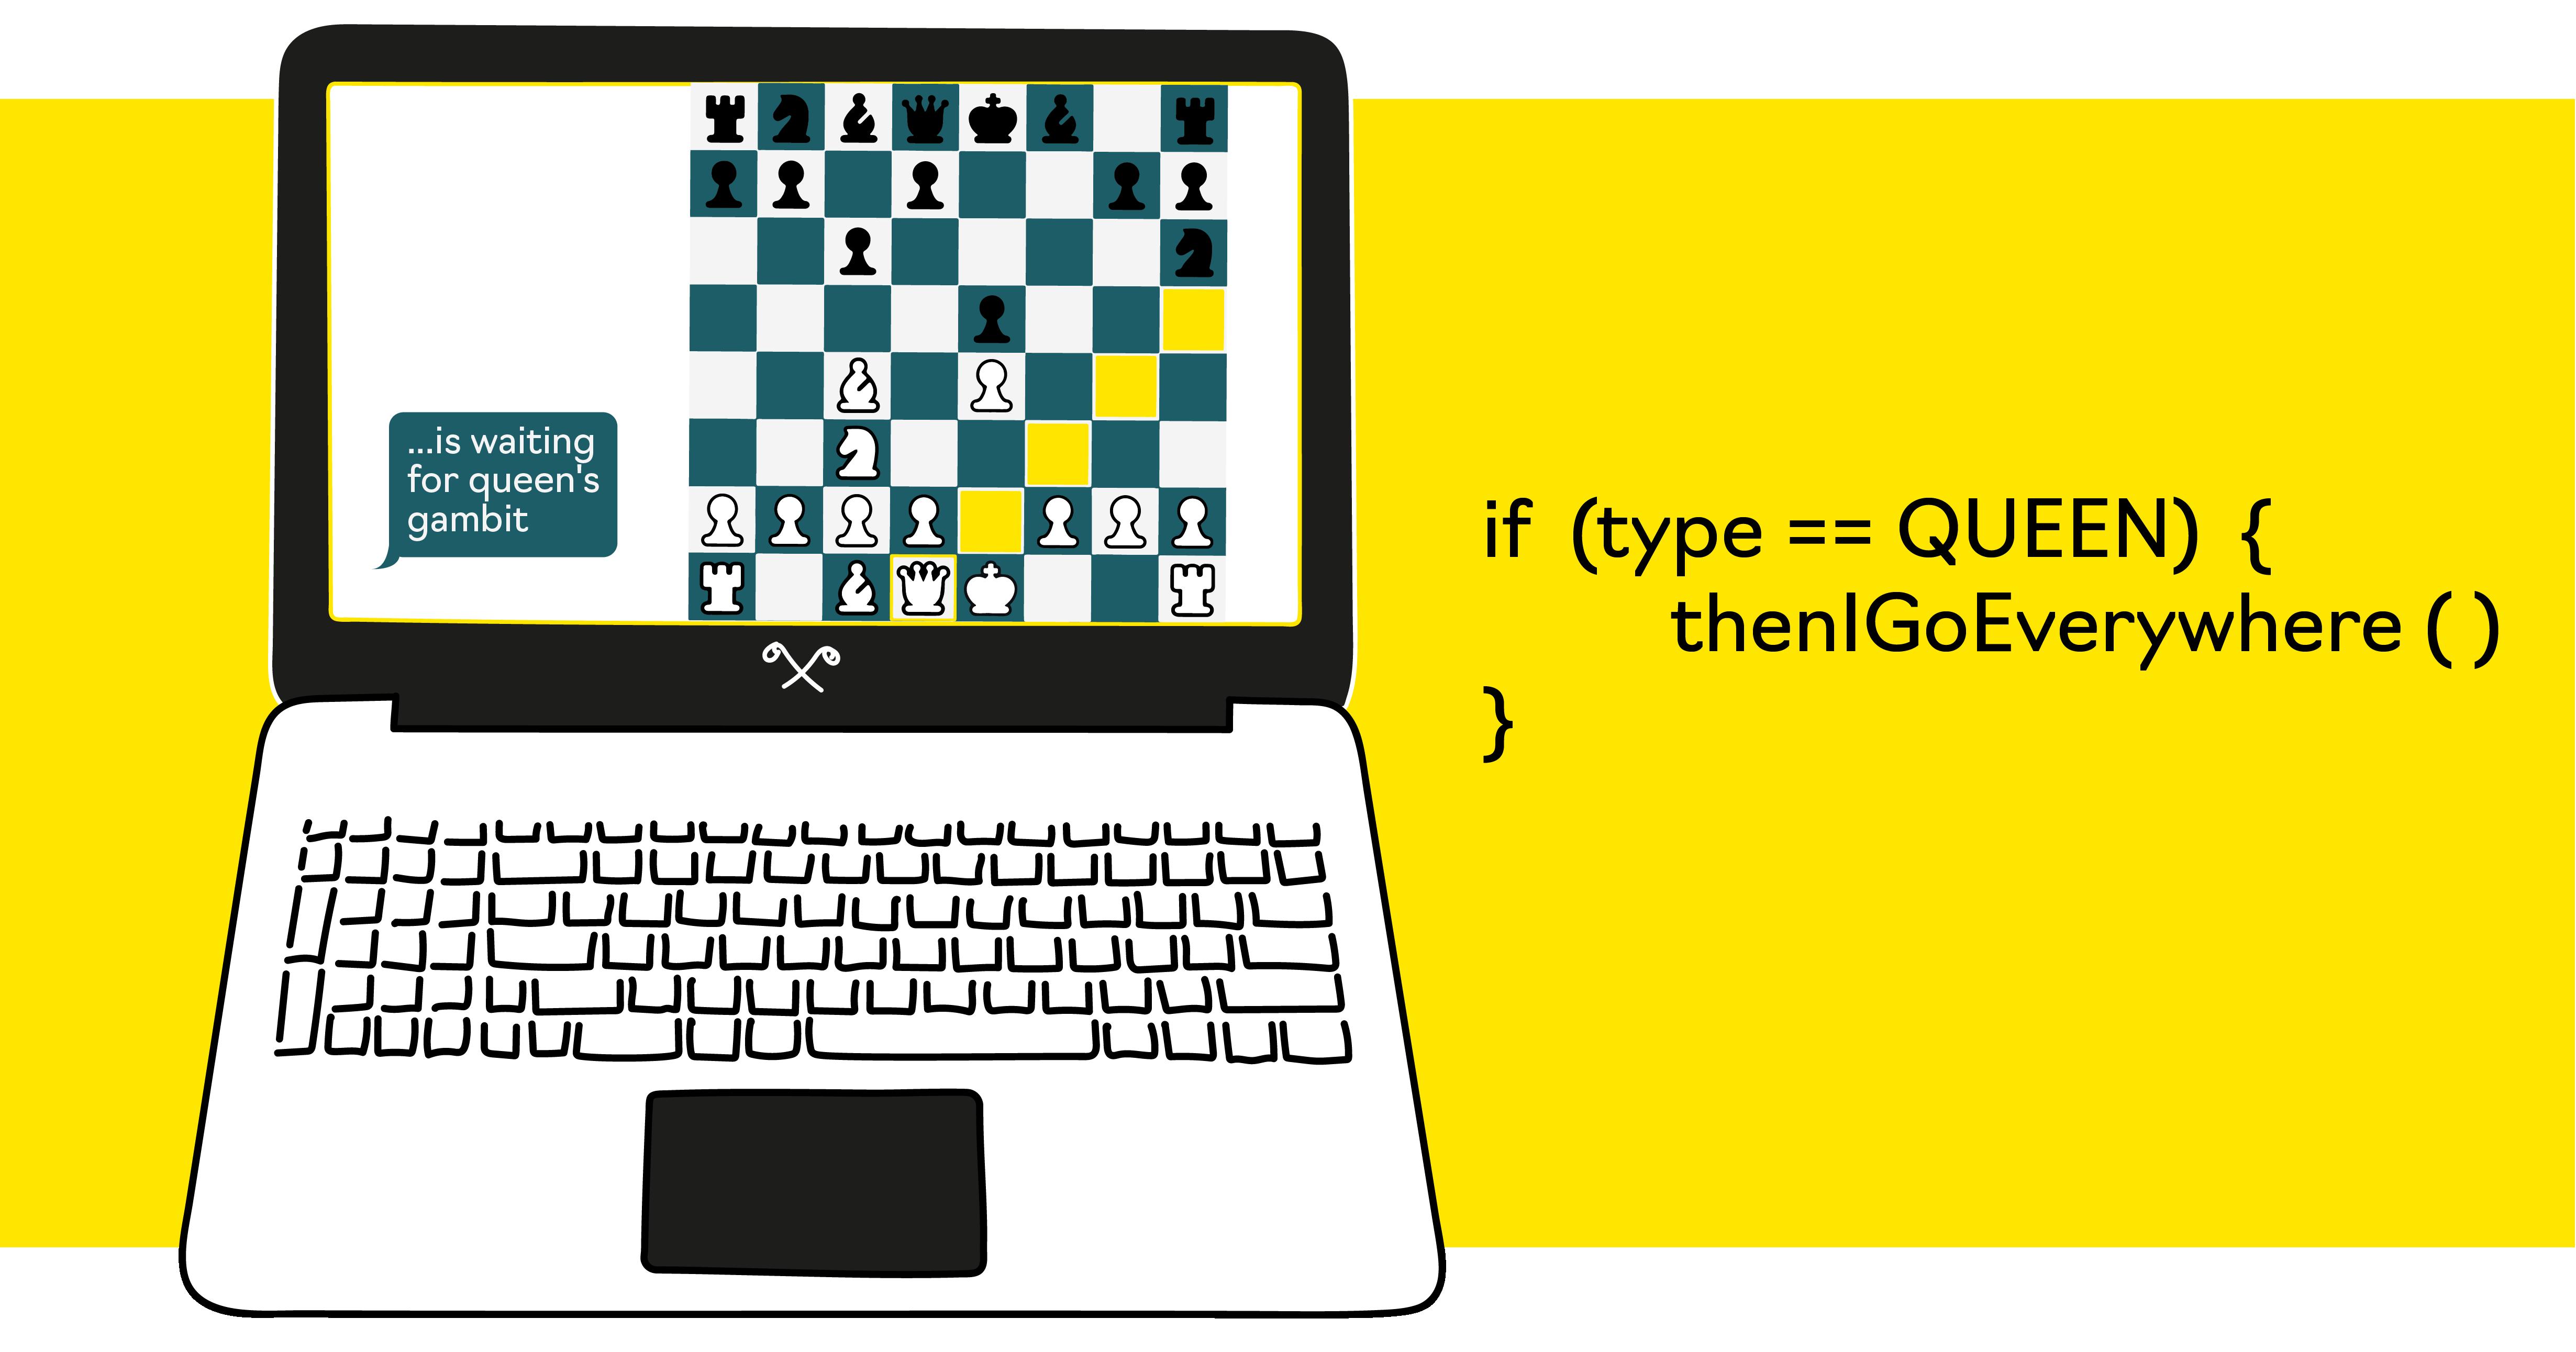 Как желание поиграть в шахматы превратилось в написание своего движка. История и реализация